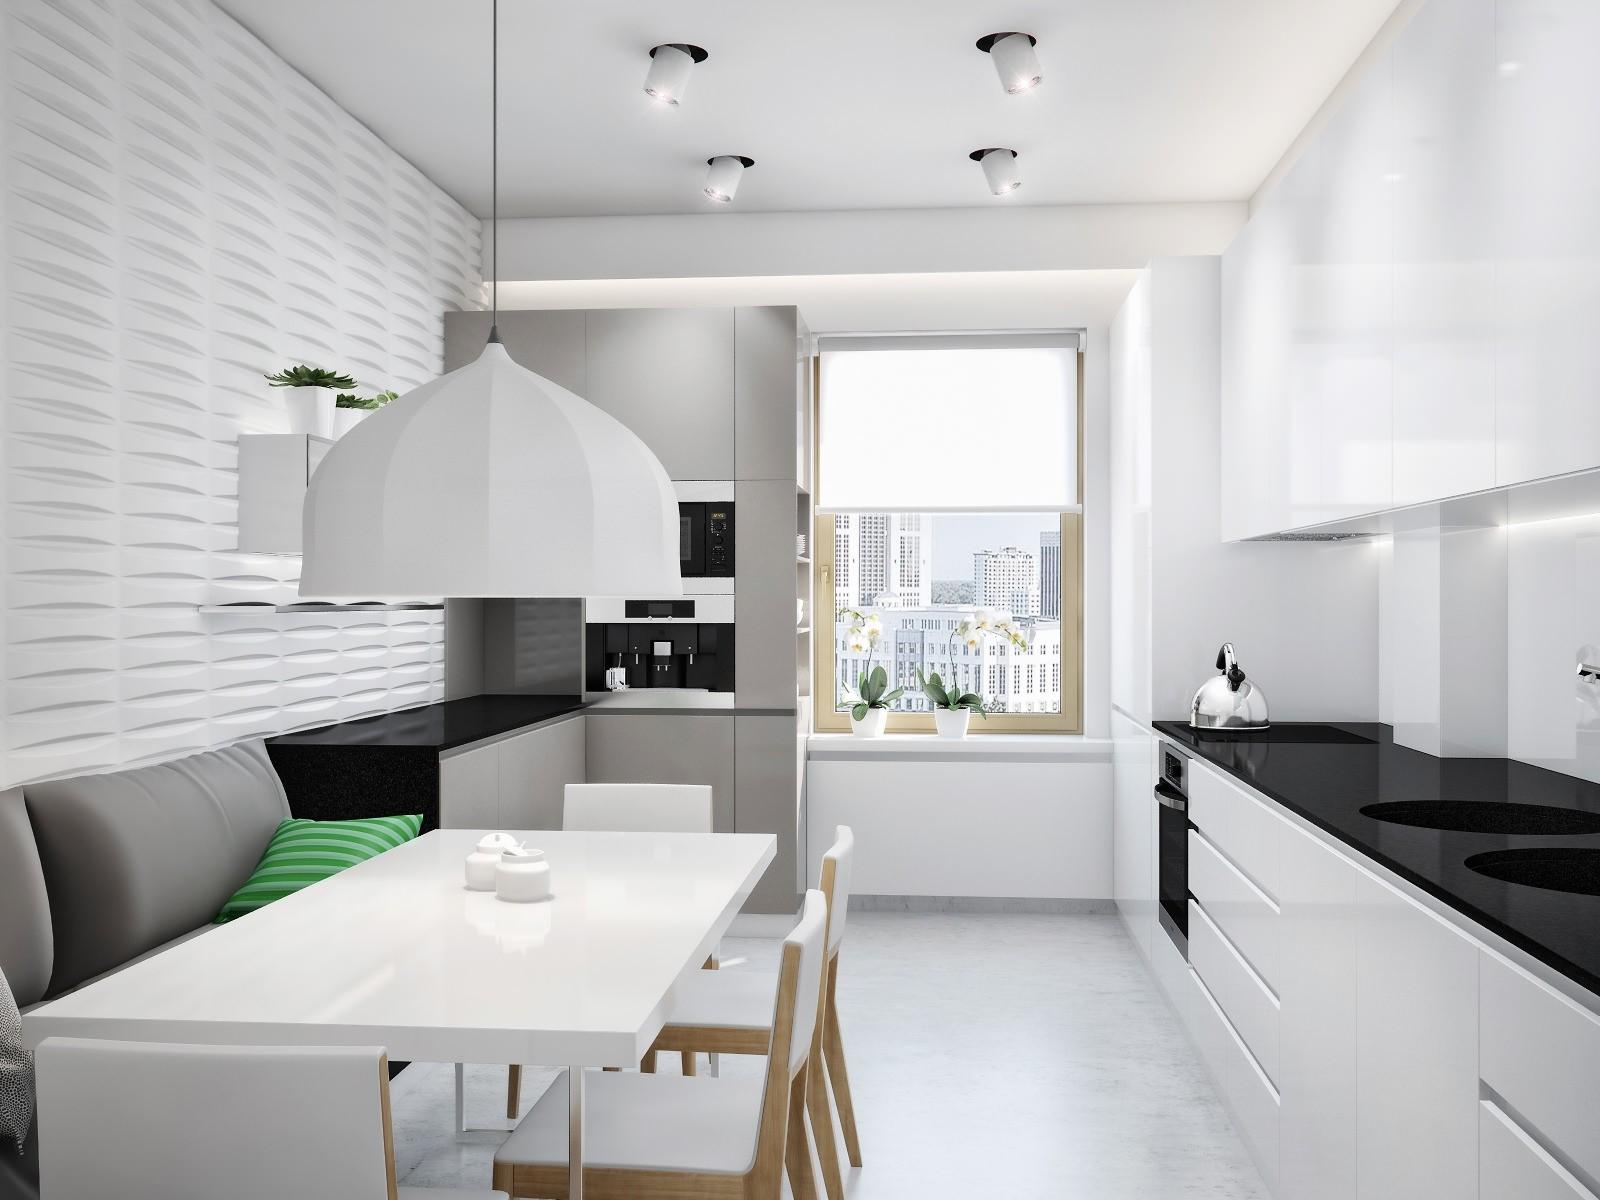 большая кухня в стиле минимализм